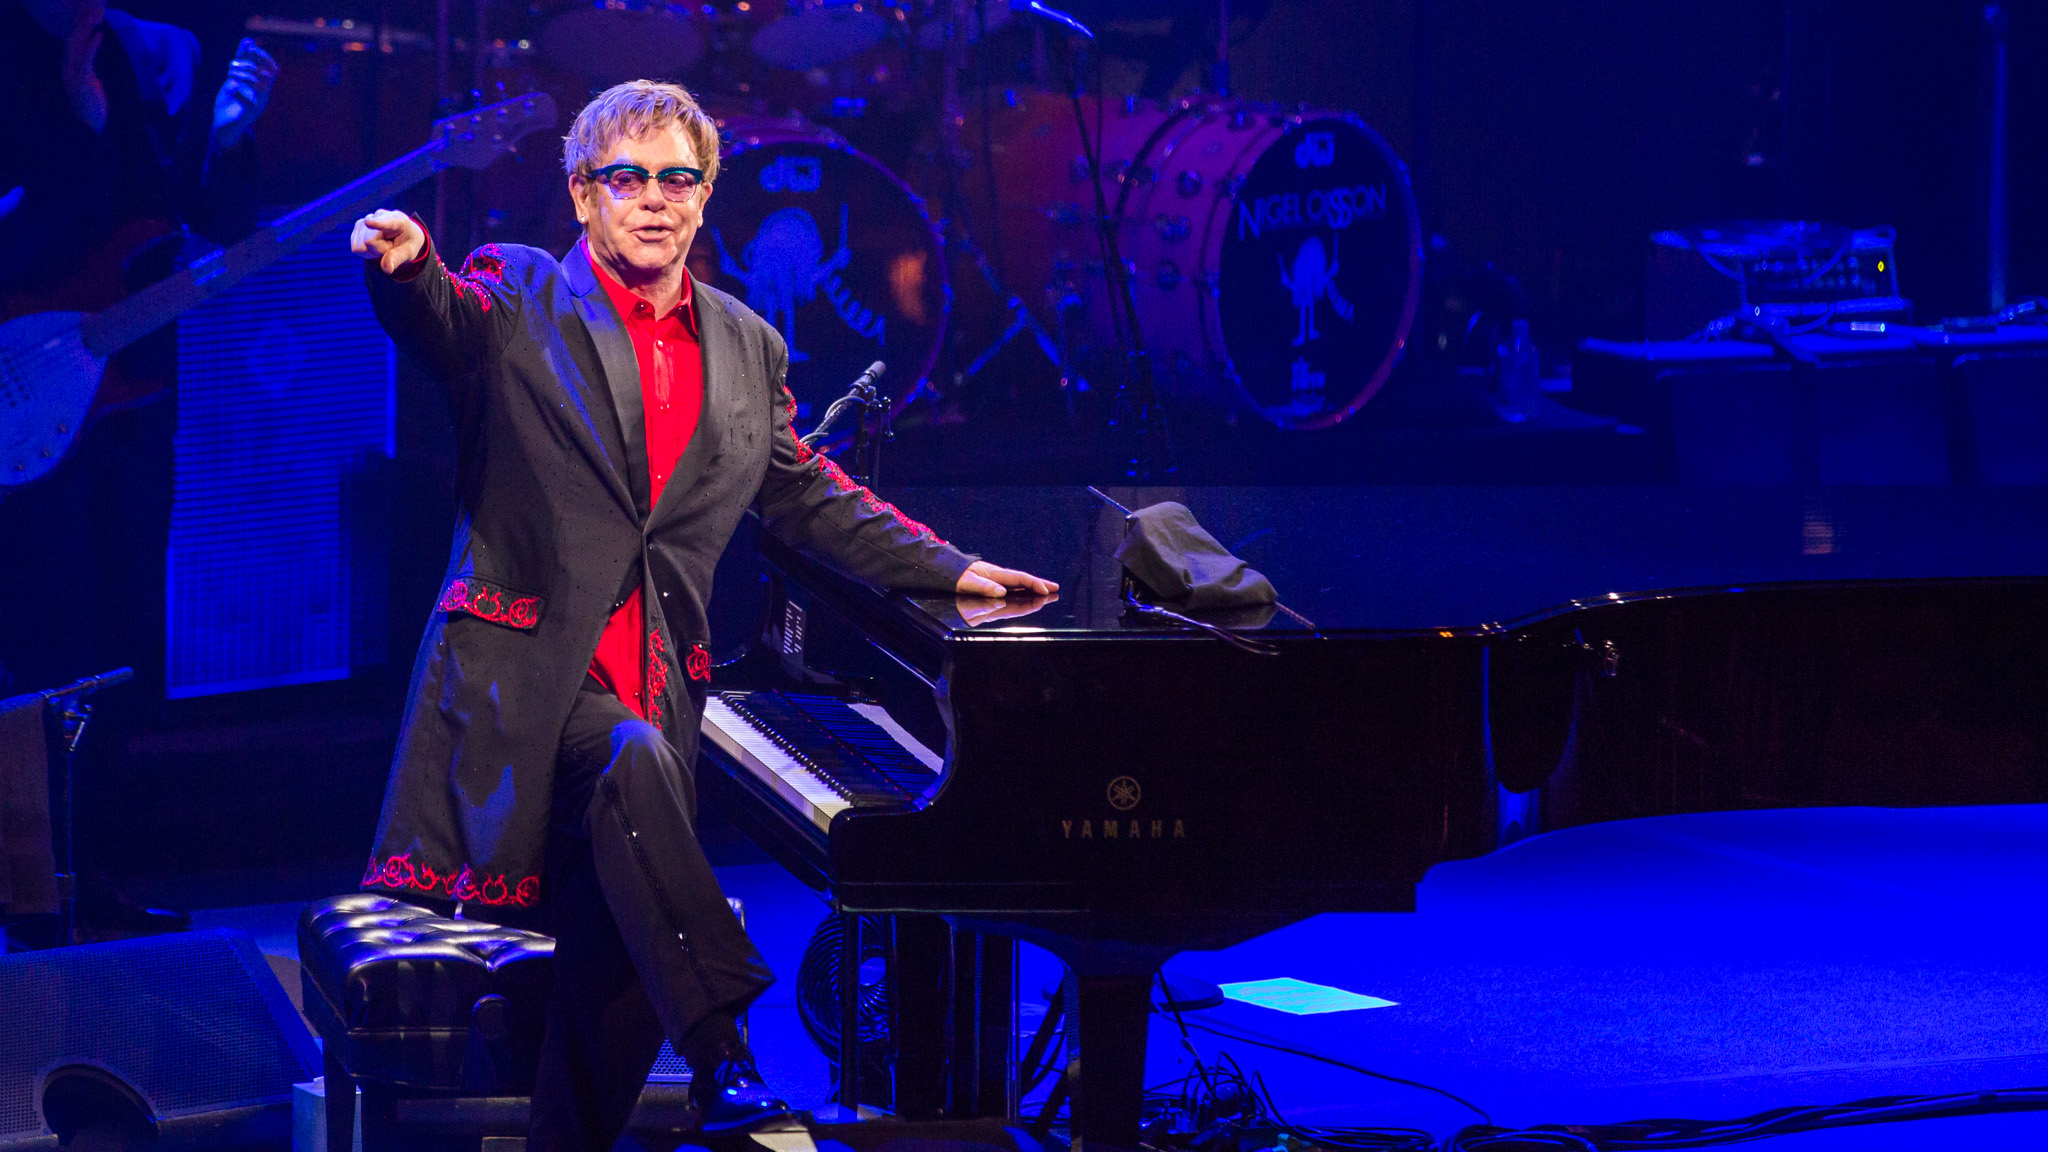 Elton John Wallpaper 7   2048 X 1152 stmednet 2048x1152